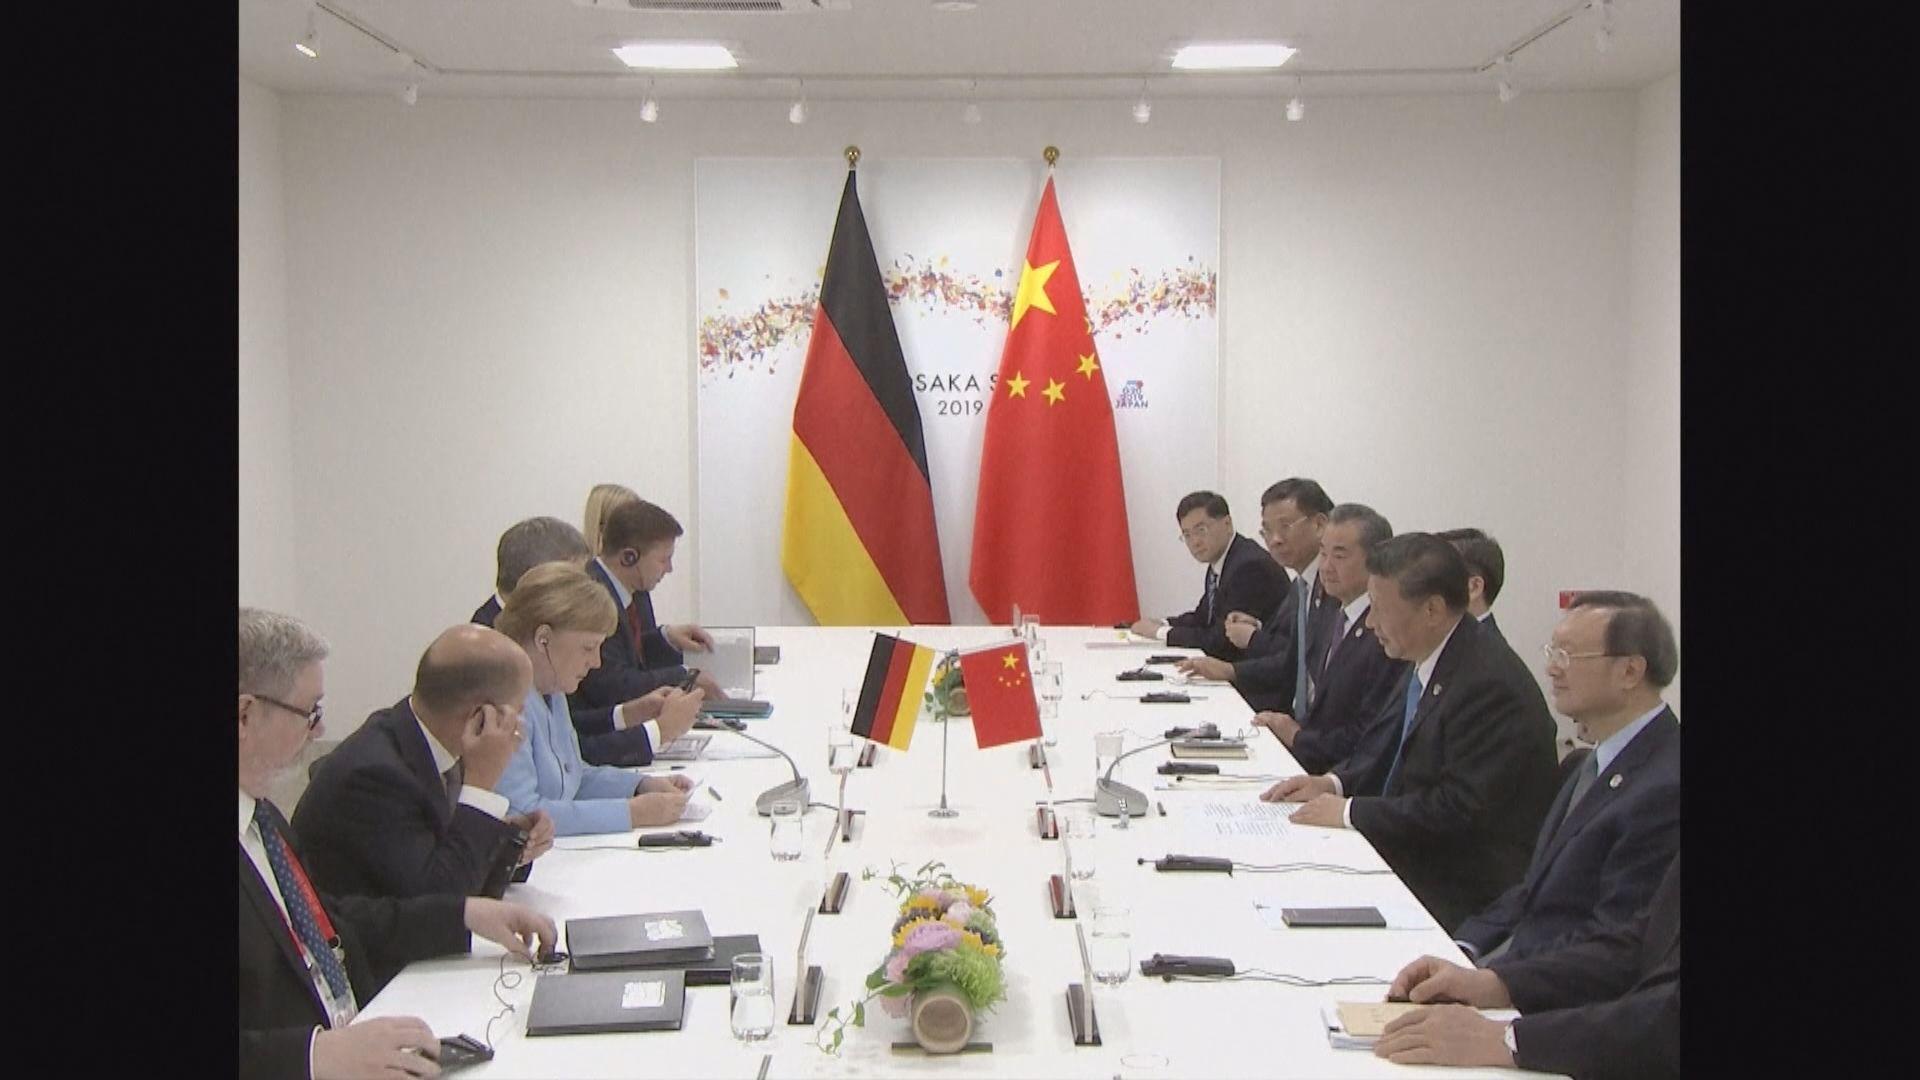 中德領袖通電話討論兩國關係及阿富汗局勢